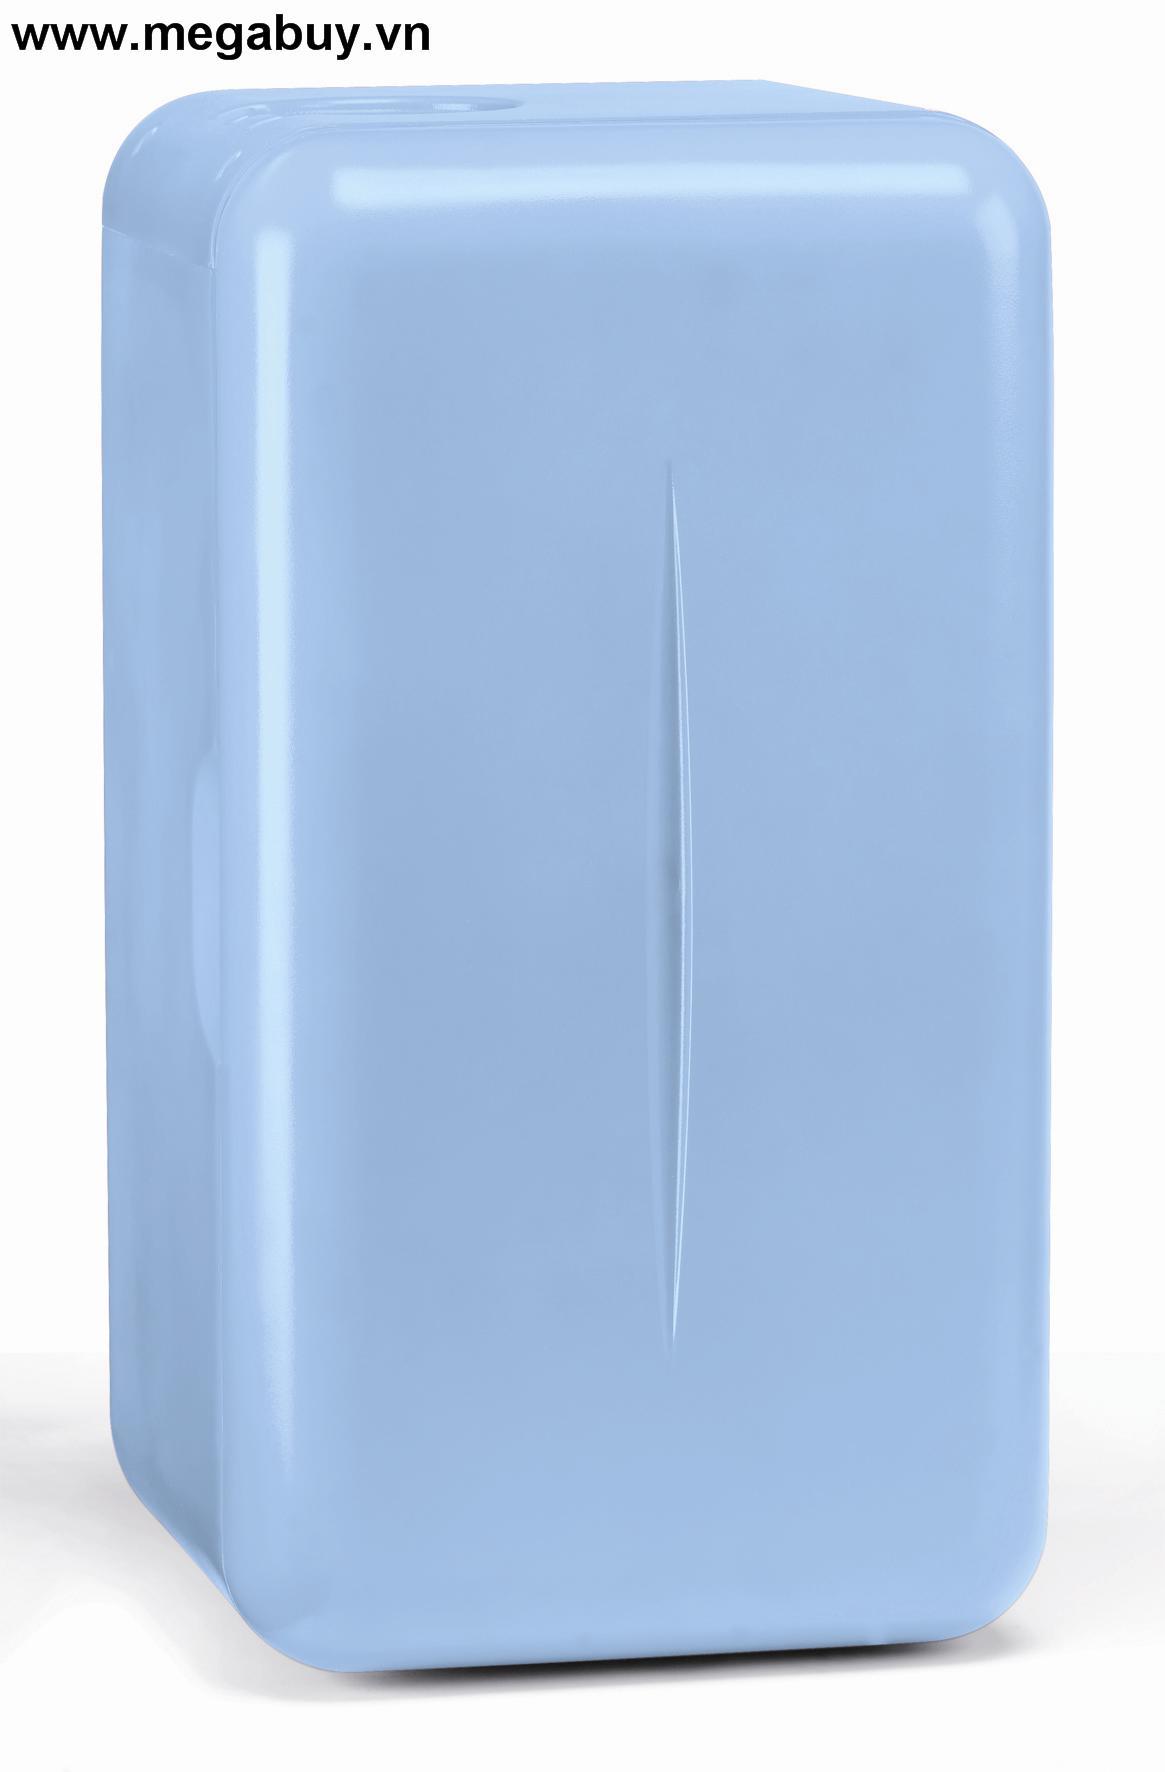 Tủ lạnh di động mini Mobicool F16 AC (Dark blue)